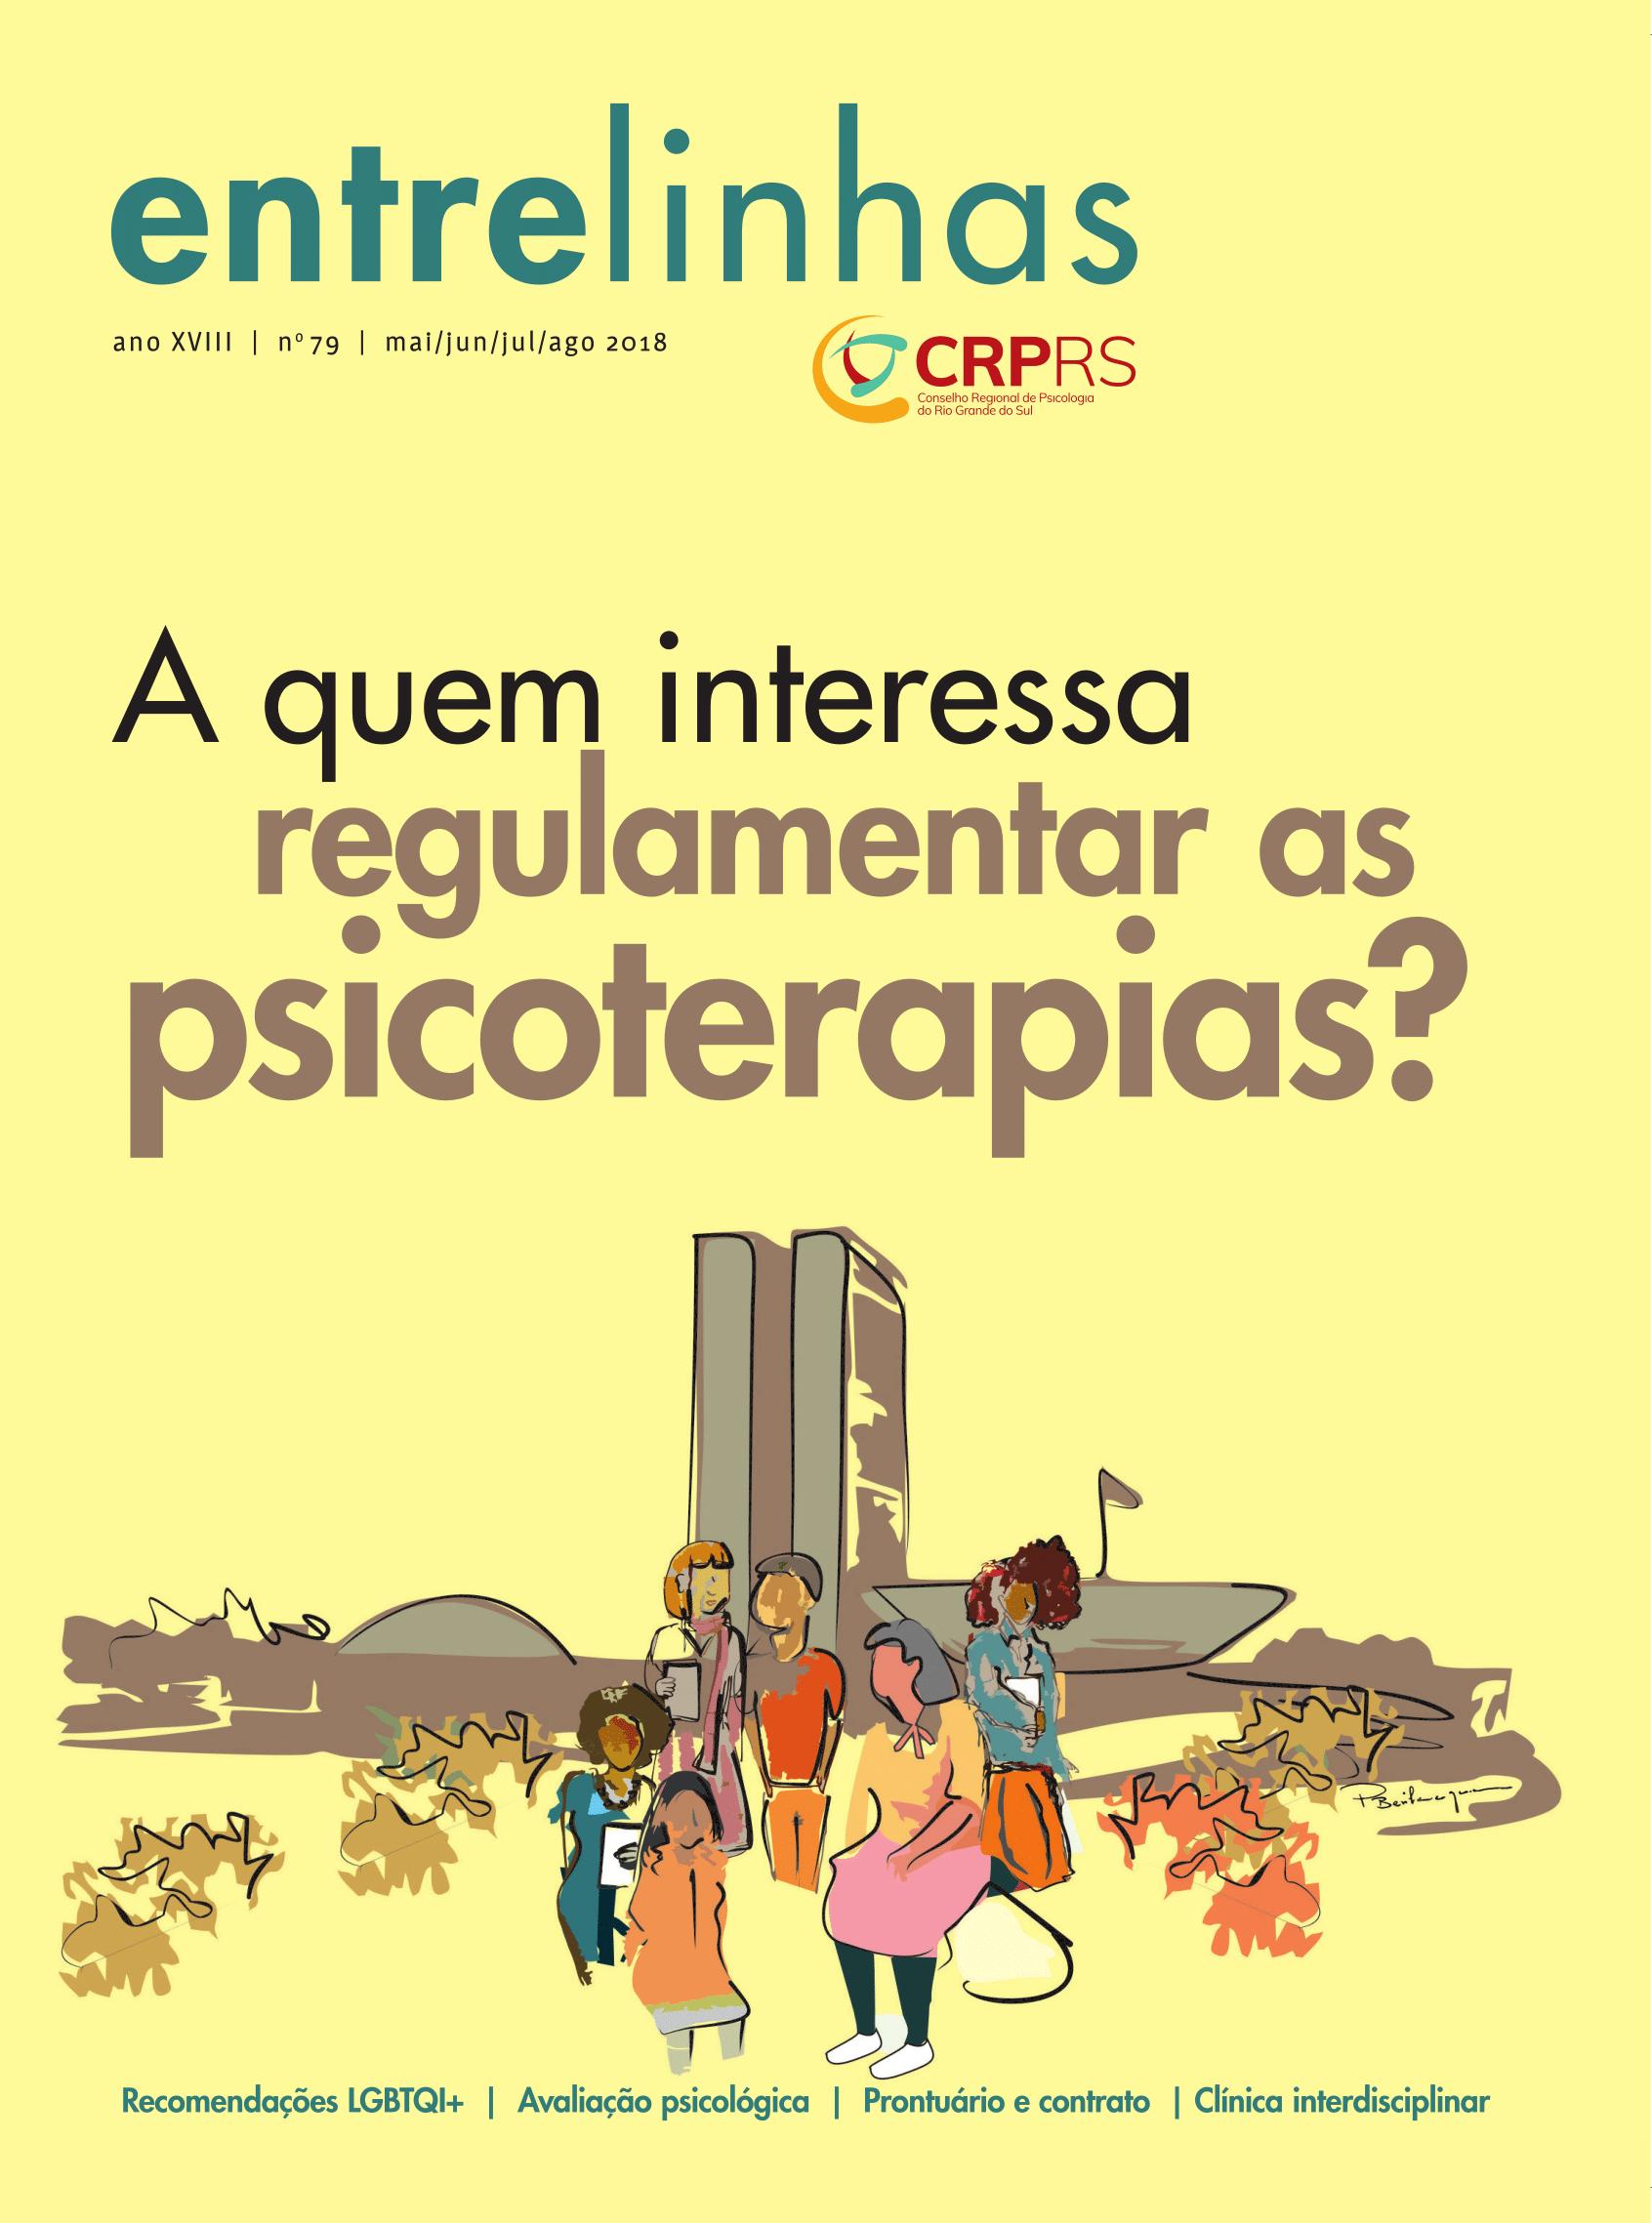 A quem interessa regulamentar as psicoterapias?